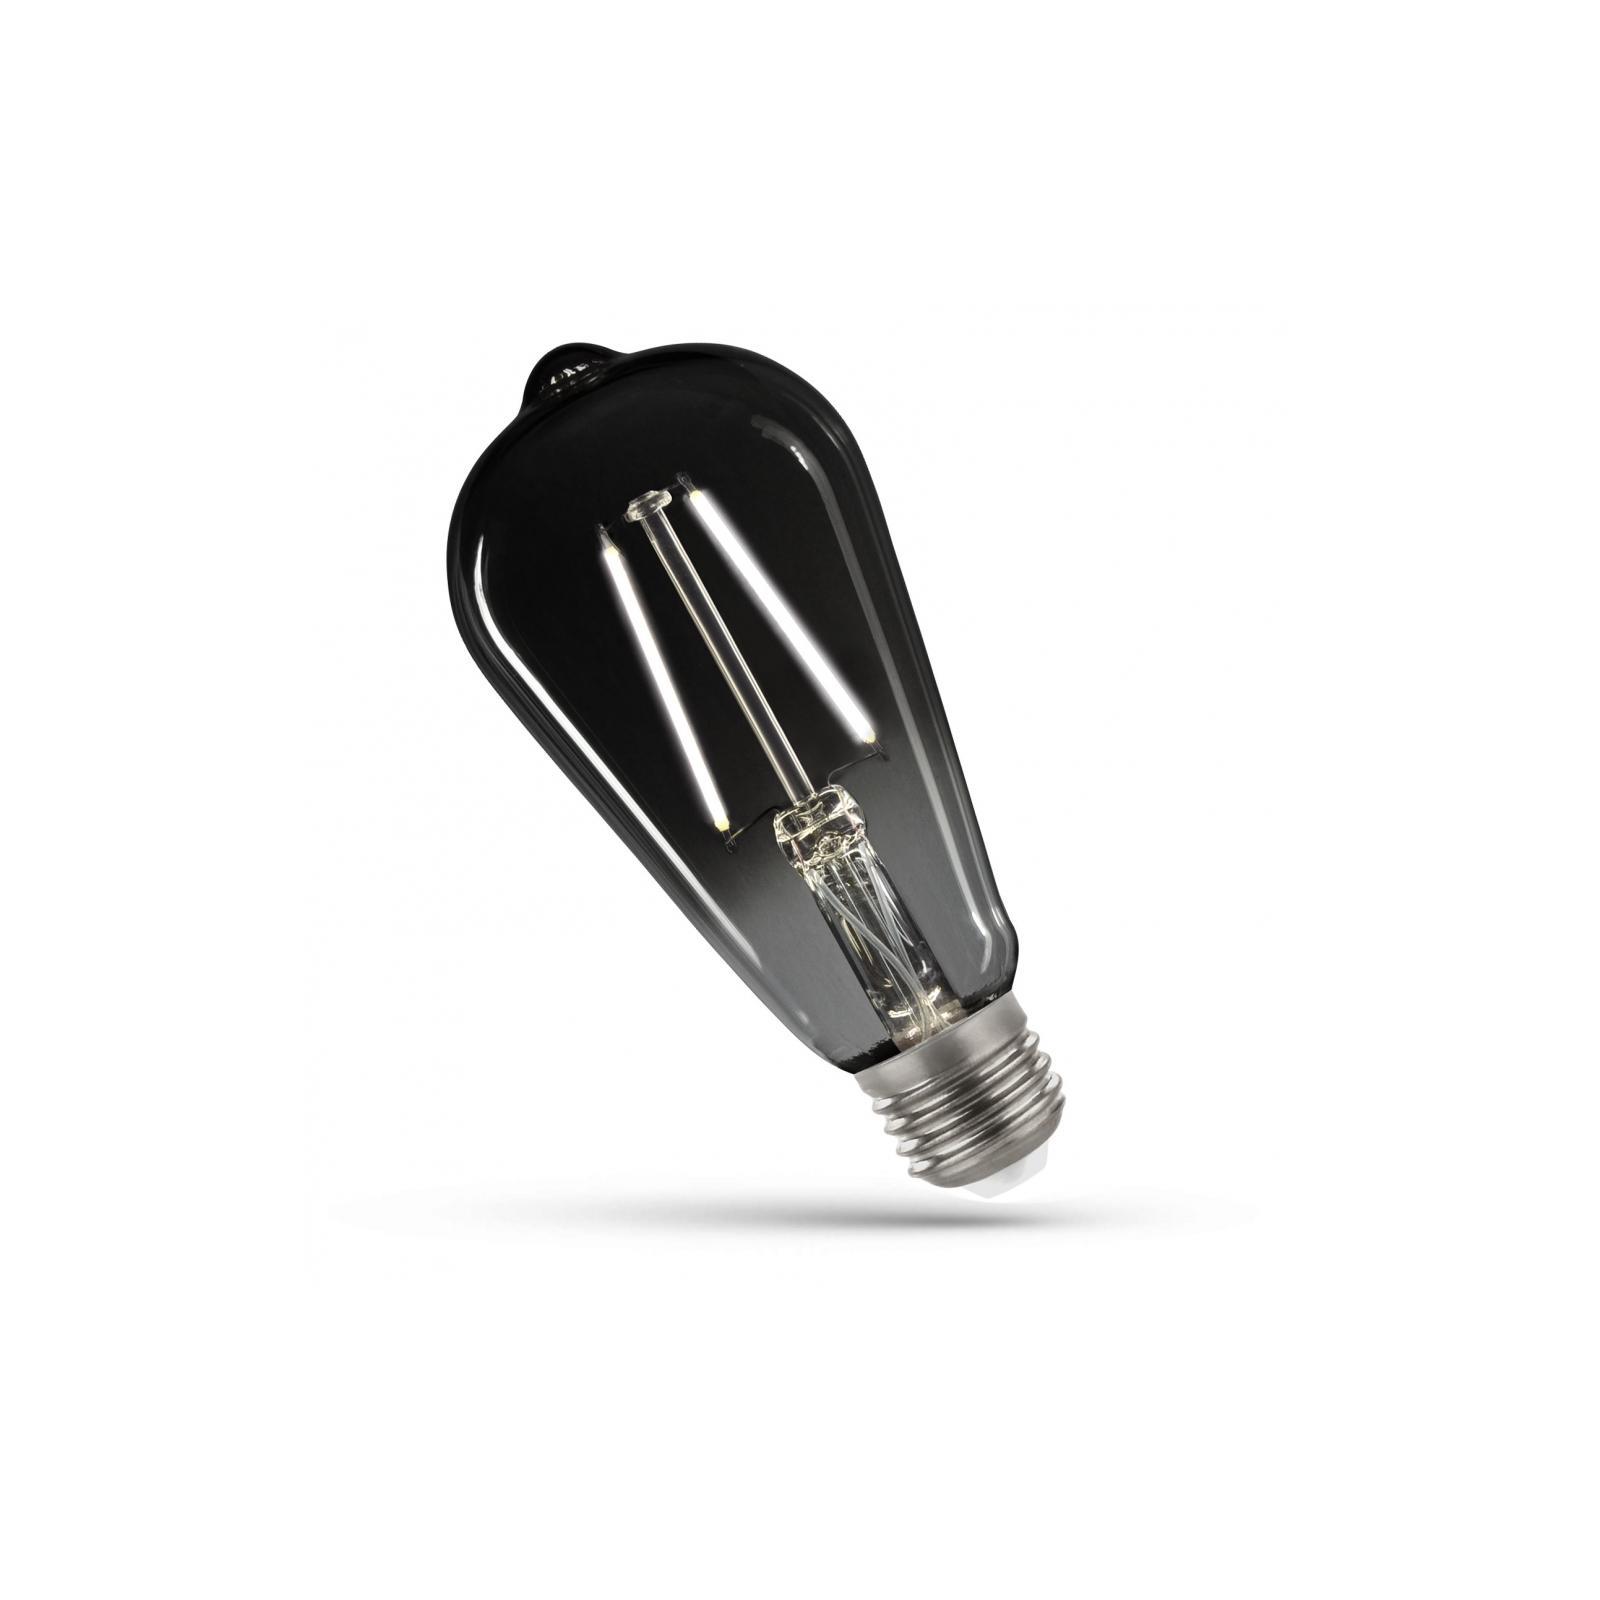 LED ST65 E-27 230V 2.5W COG Neutrální bílá MODERNSHINE SPECTRUM